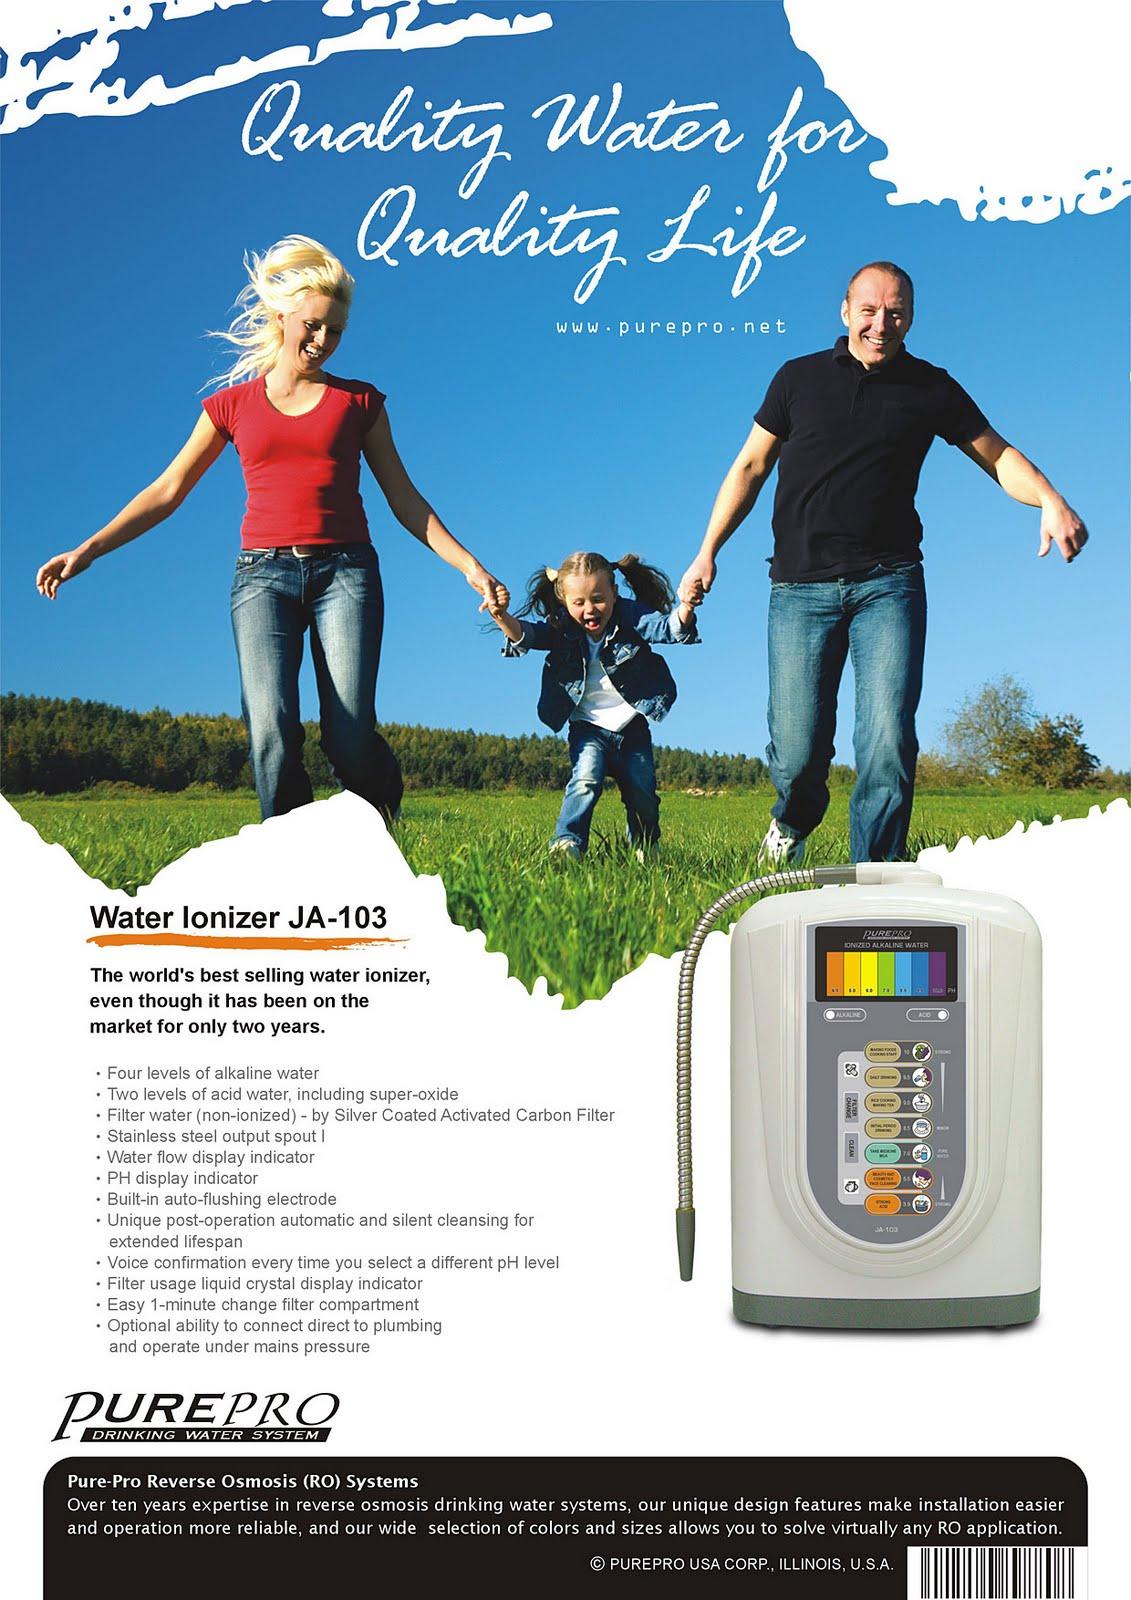 美國 PurePro® 鹼性離子整水器 JA-103 ★ 喝好水 ! 實現健康長壽 ! 最暢銷的鹼性離子整水器